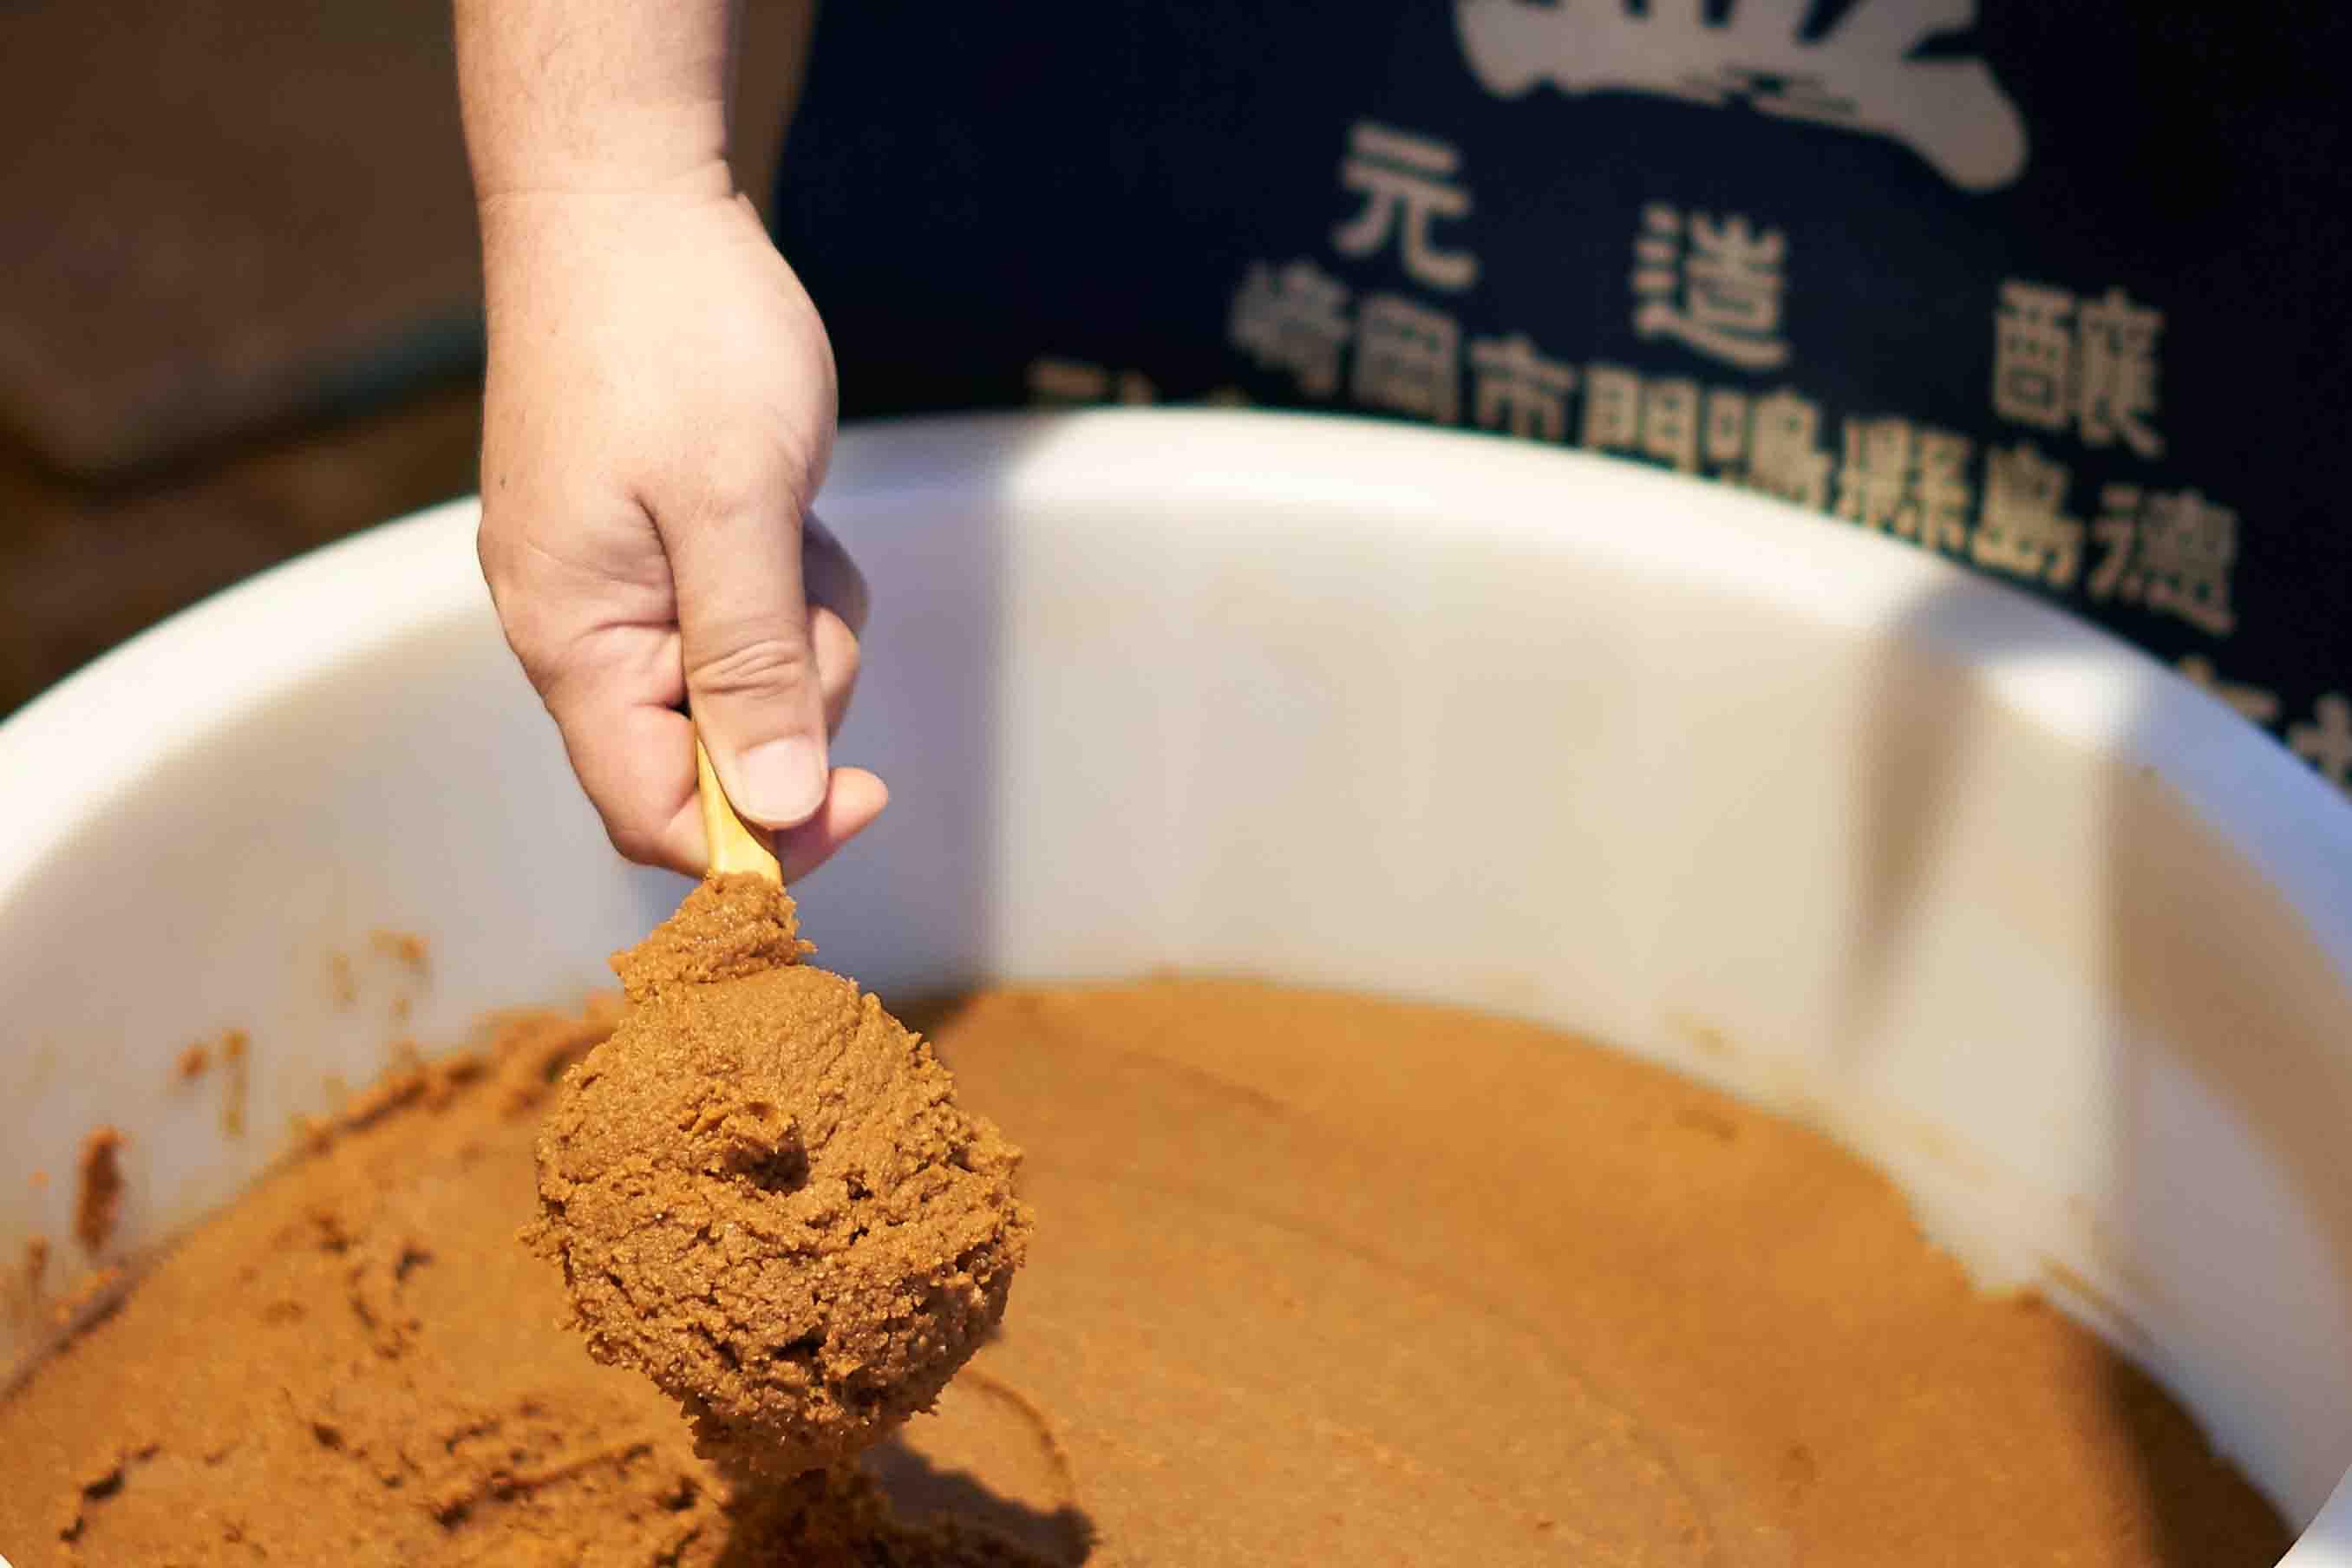 井上さんの作る天然酵母の味噌は、料理好きの人が「あそこのは美味しい!」と口々に褒める、知る人ぞ知る徳島のお味噌。遠方からわざわざ買い求める人も多いのだそう